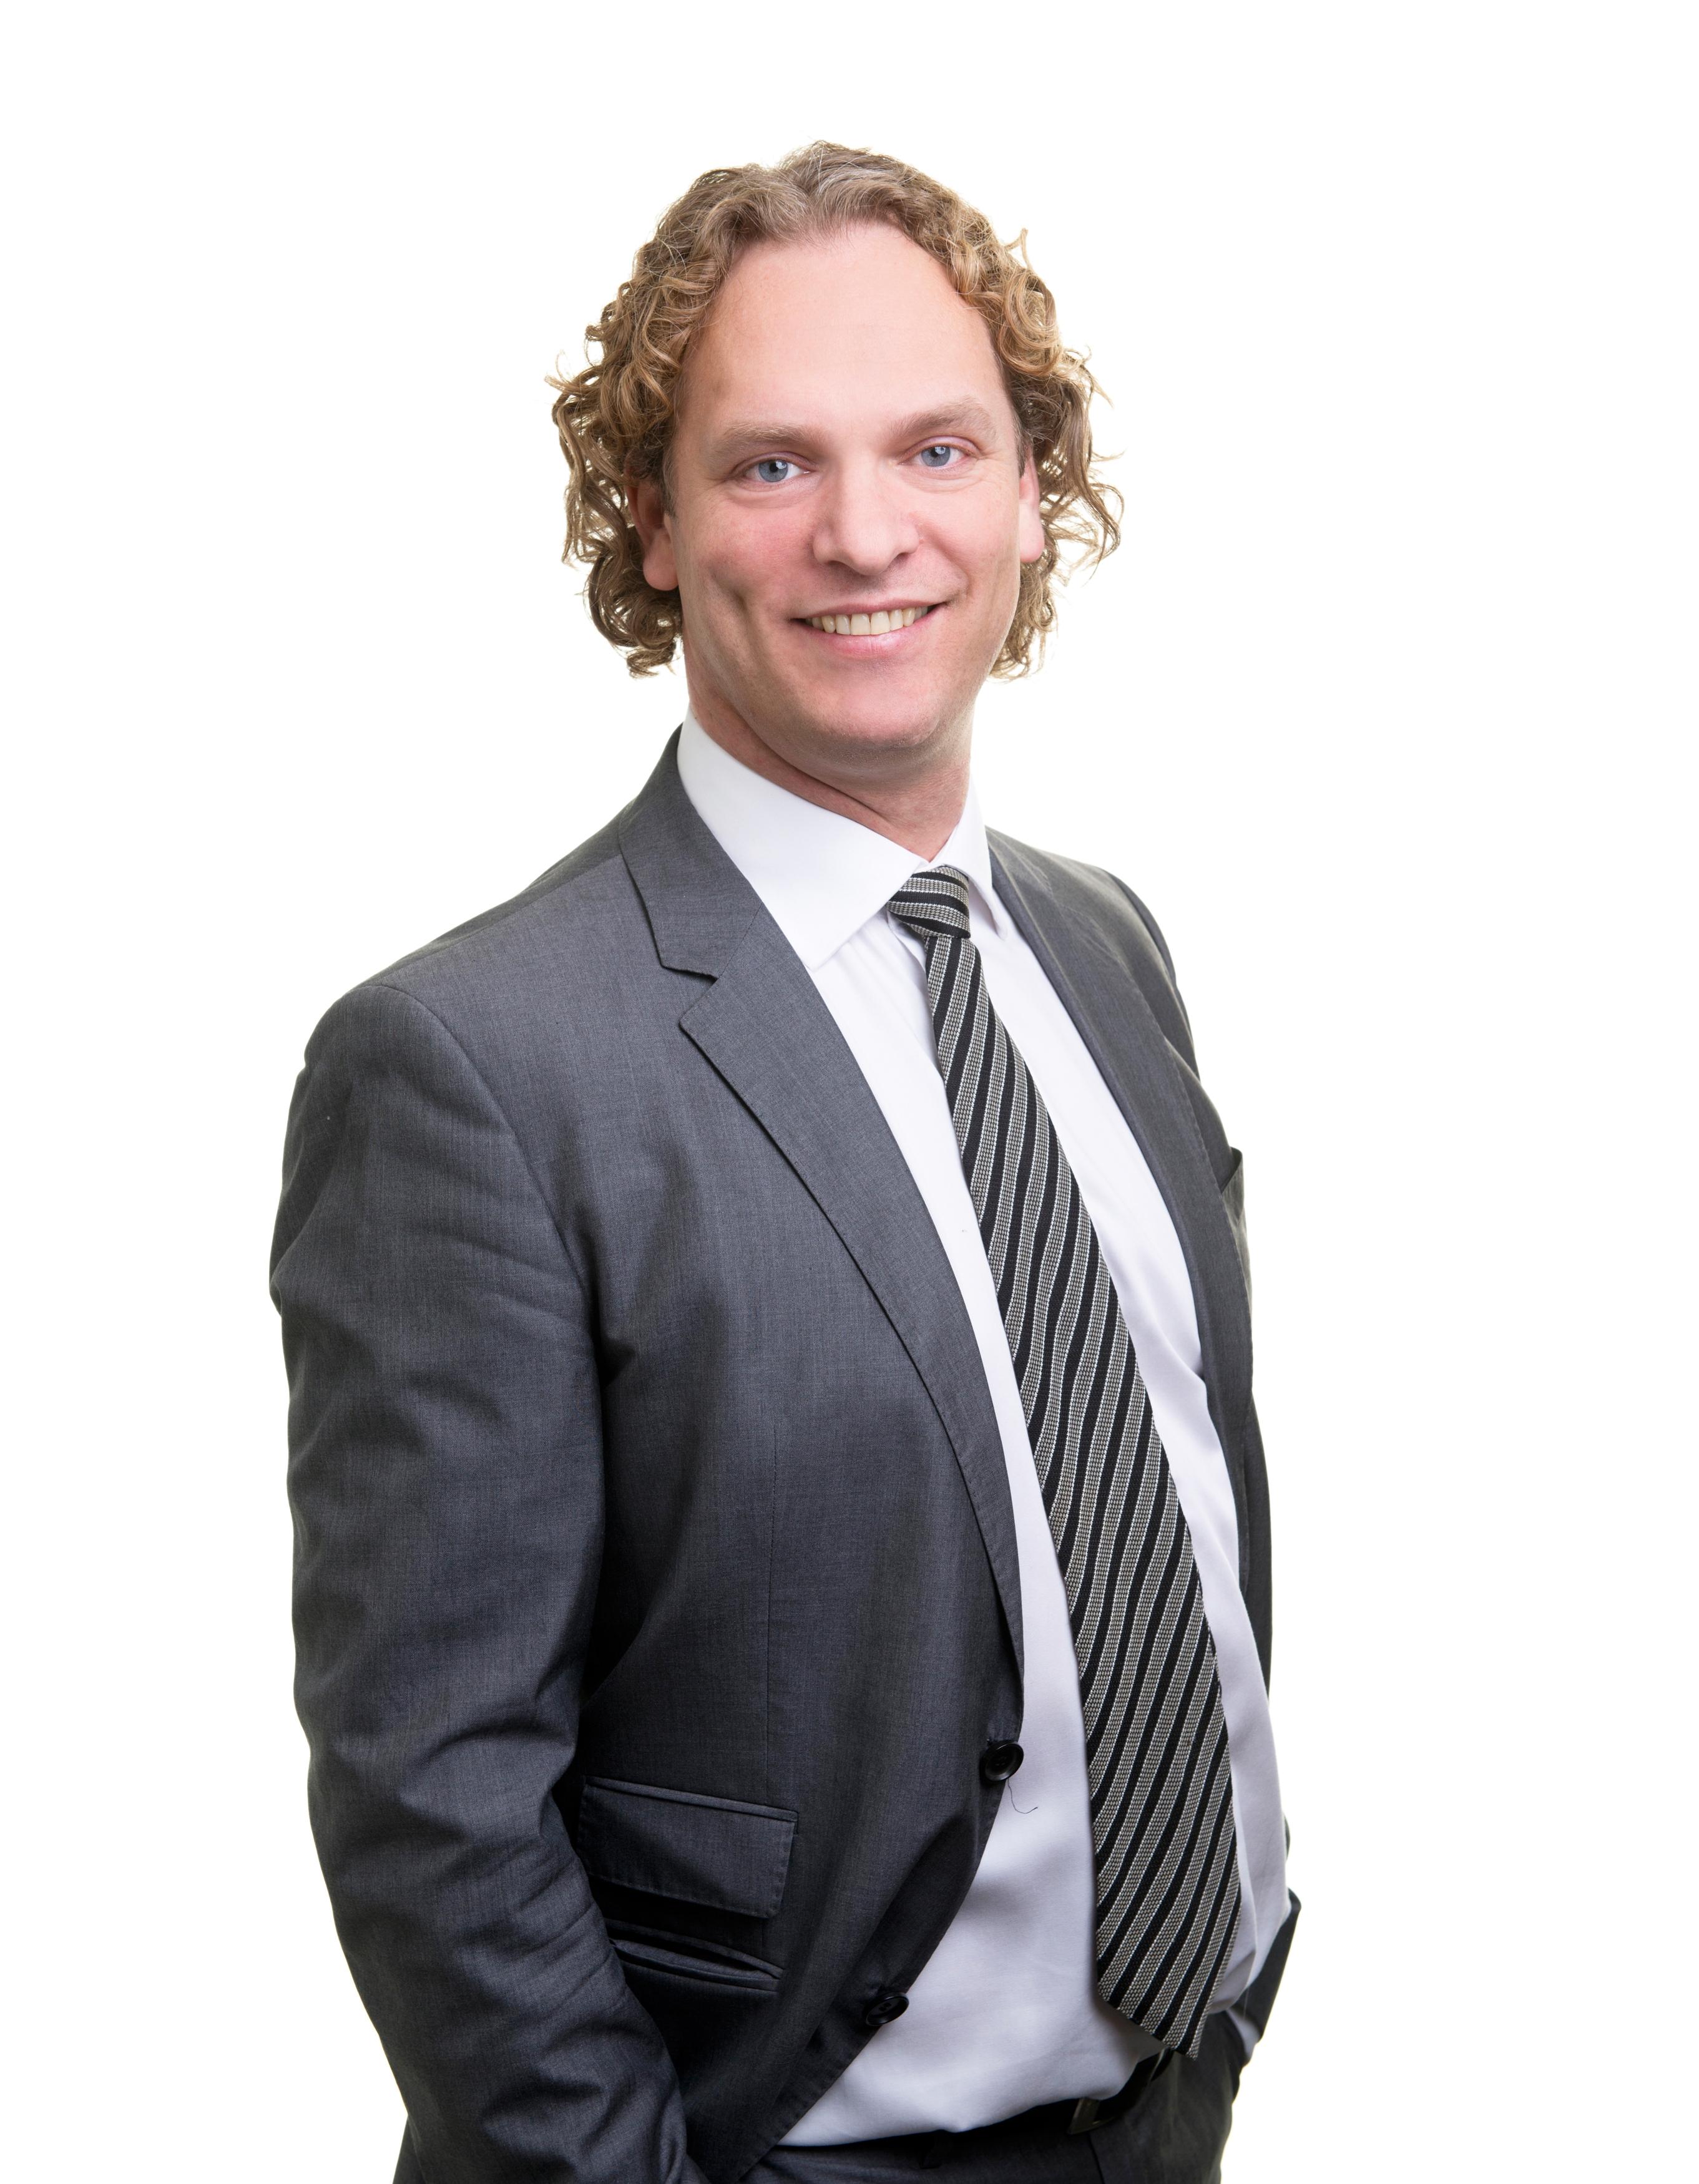 Thomas Braut Svendsen